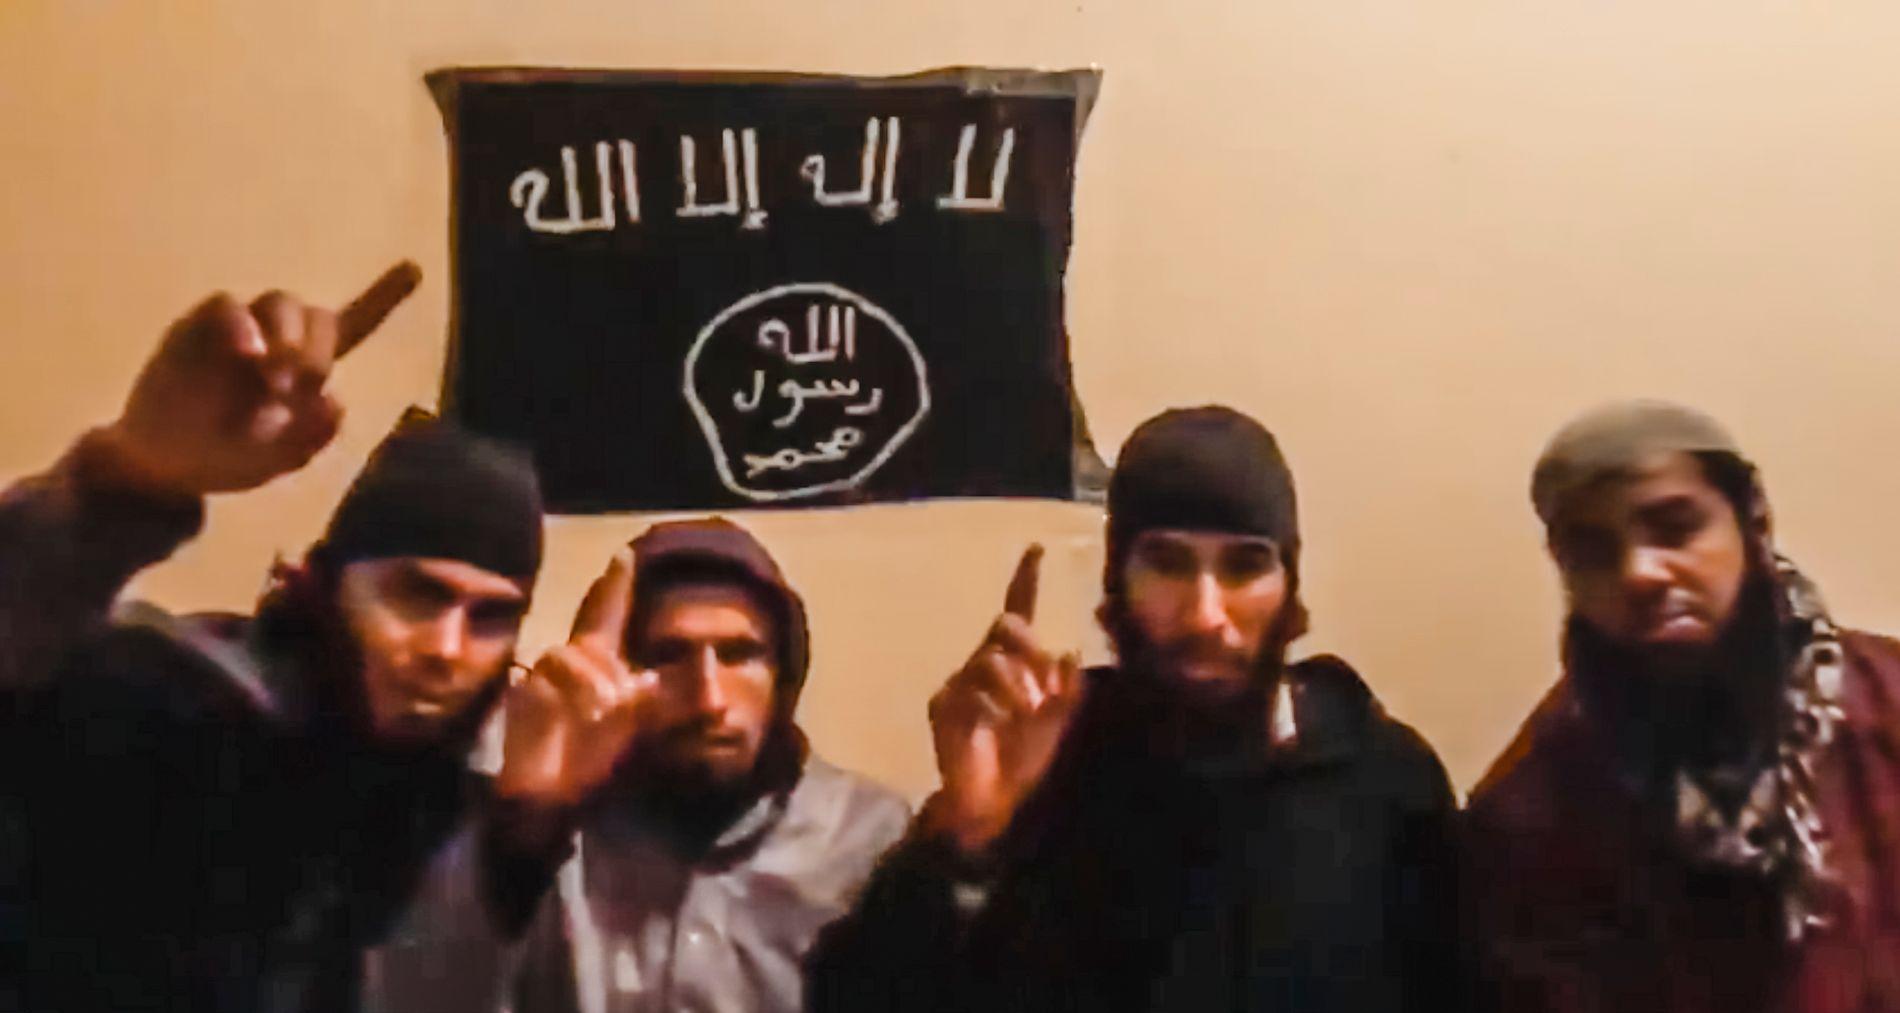 SVERGER TROSKAP: På denne videoen sverger de tre mennene som er identifisert troskap til IS. Mannen til høyre i bildet, antas å være mannen som ble pågrepet mandag. Han er ikke navngitt.